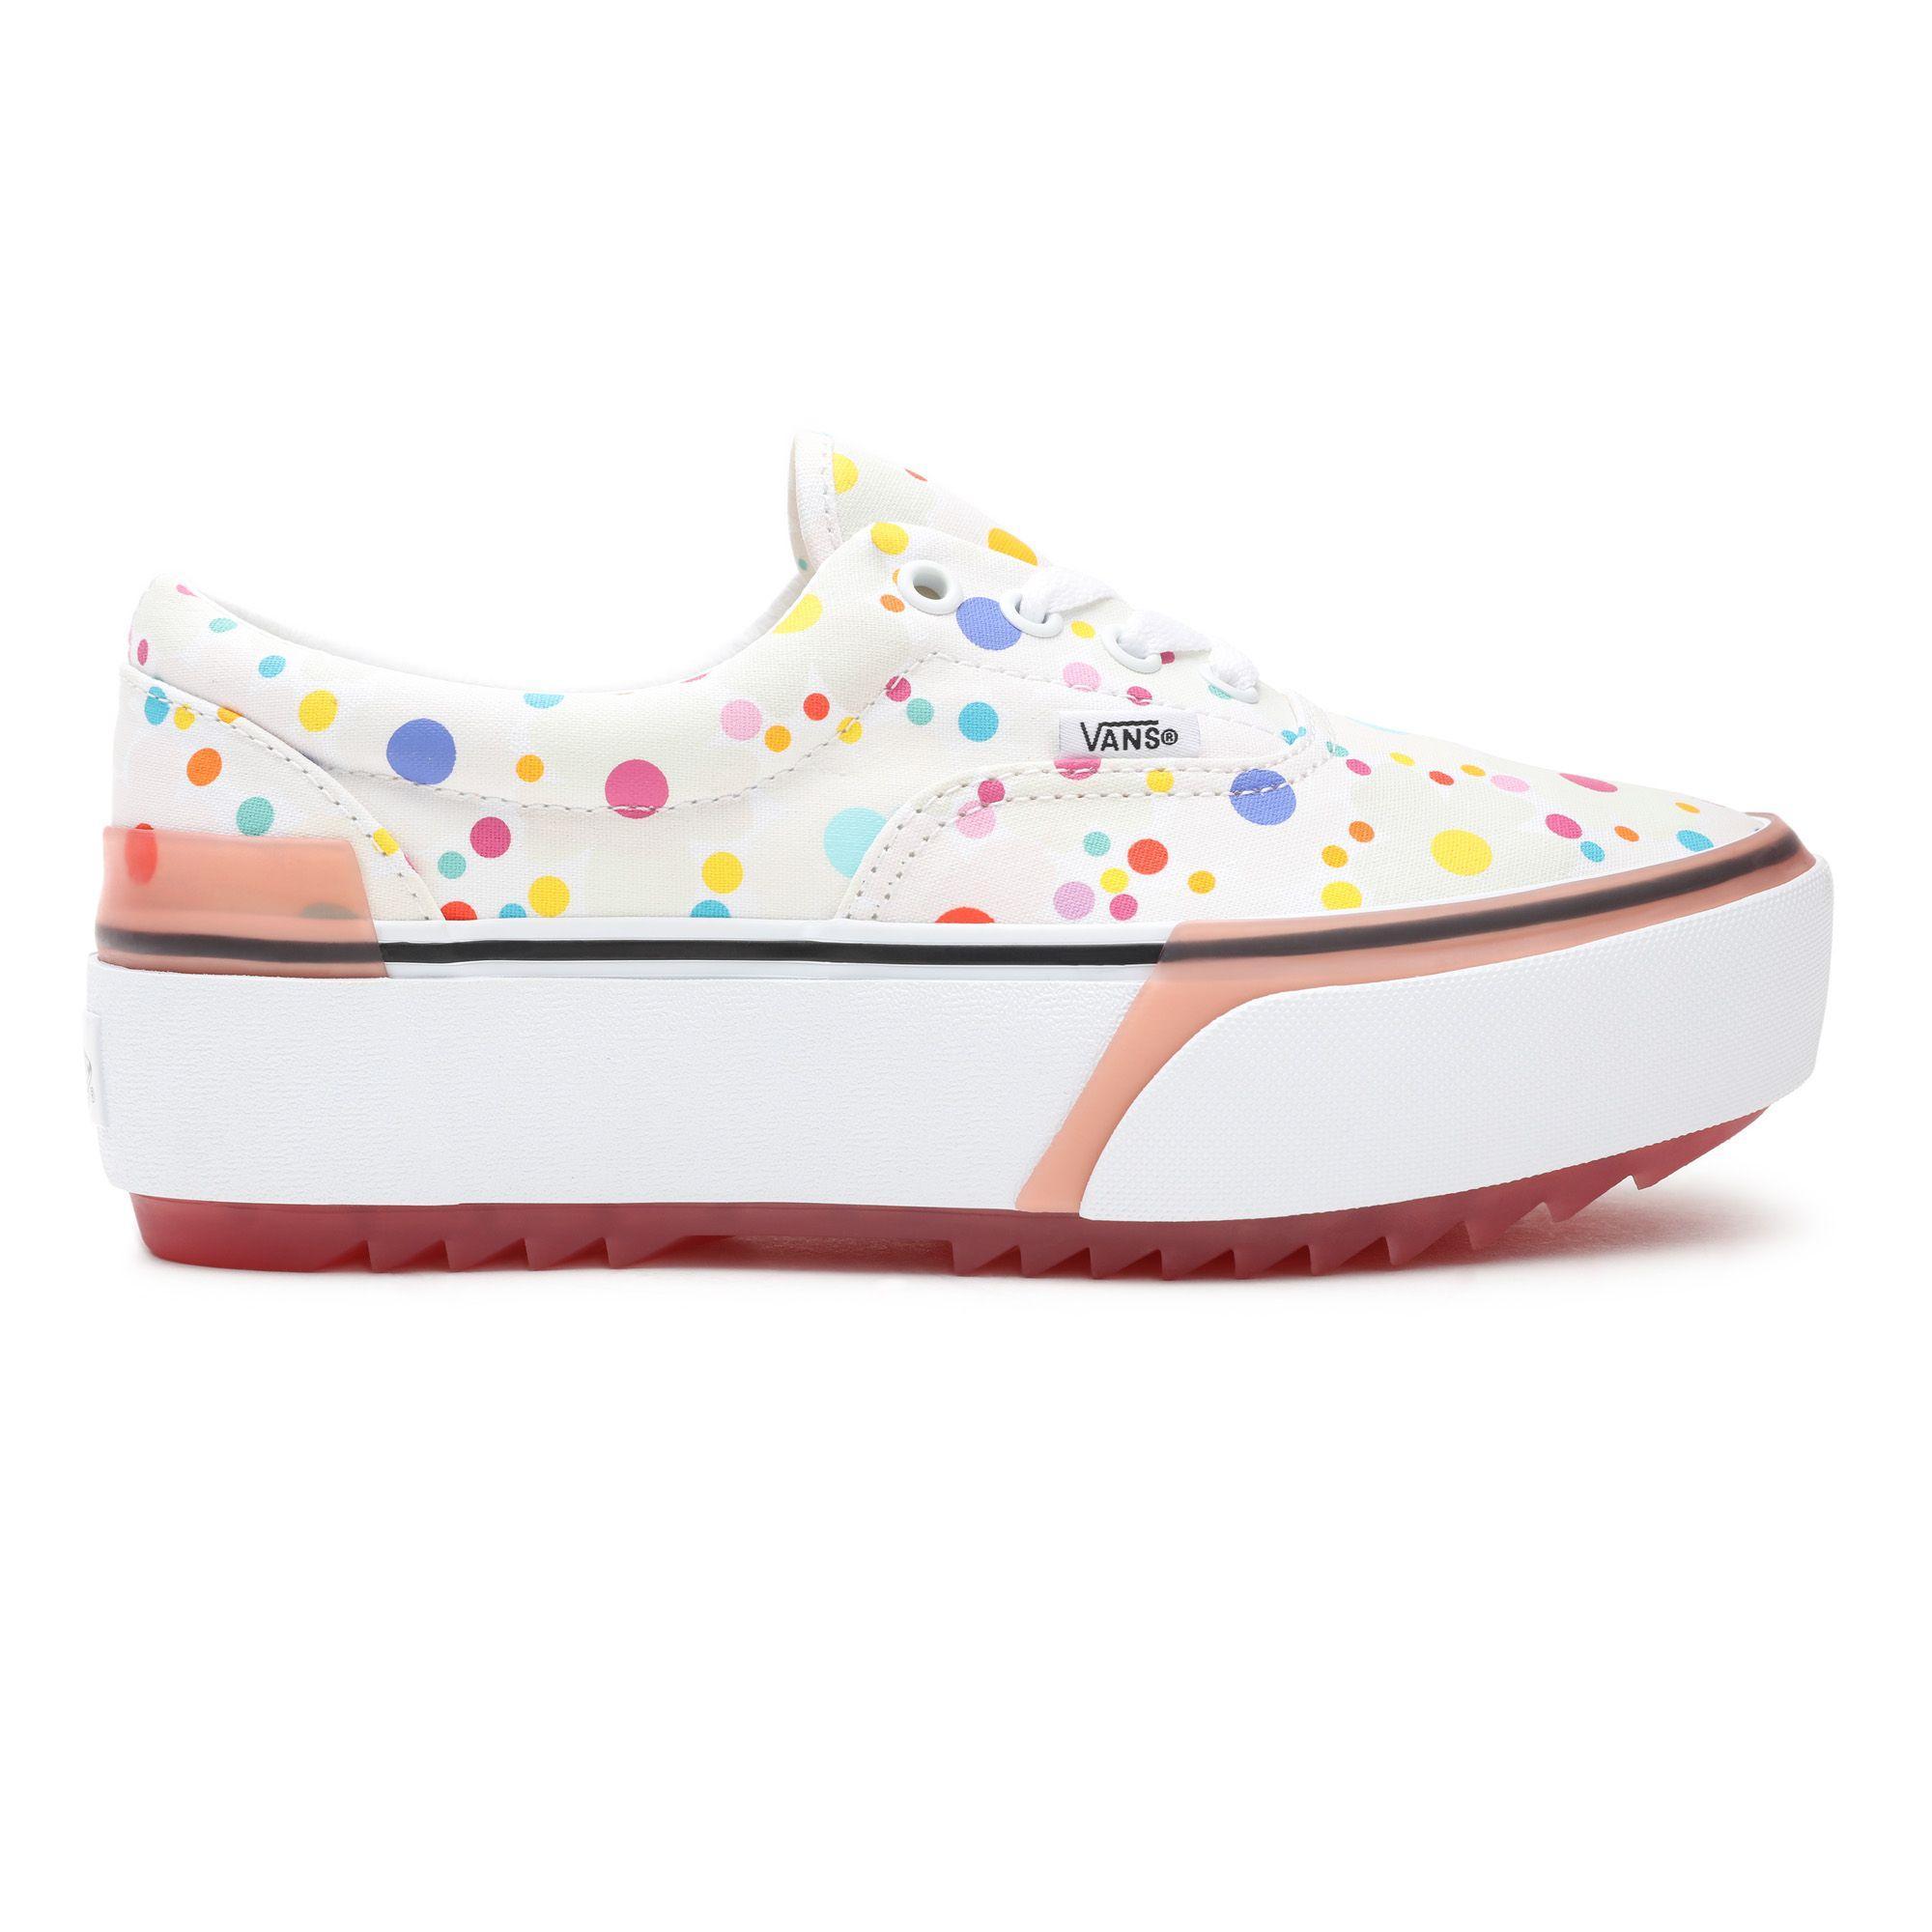 Chaussures Uv Ink Era Stacked Toile Vans en coloris Rose - Lyst